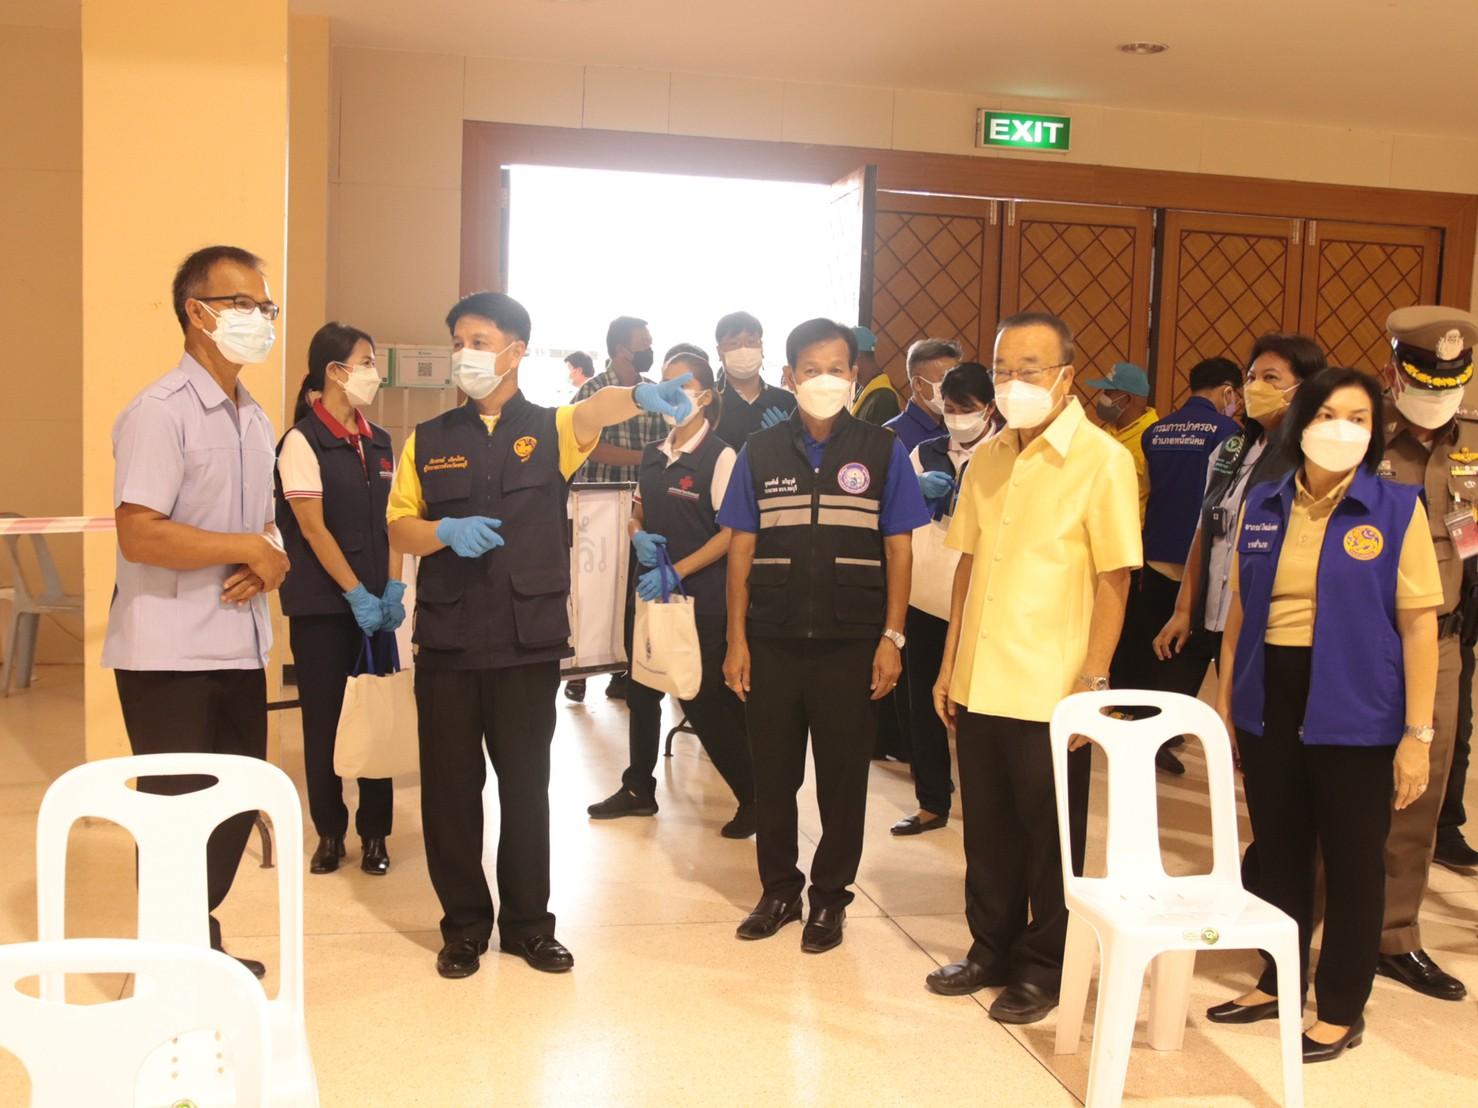 ผู้ว่าราชการจังหวัดชลบุรี พร้อมคณะเดินทางมายังศูนย์ฉีดวัคซีนป้องกันโรคโควิด – 19